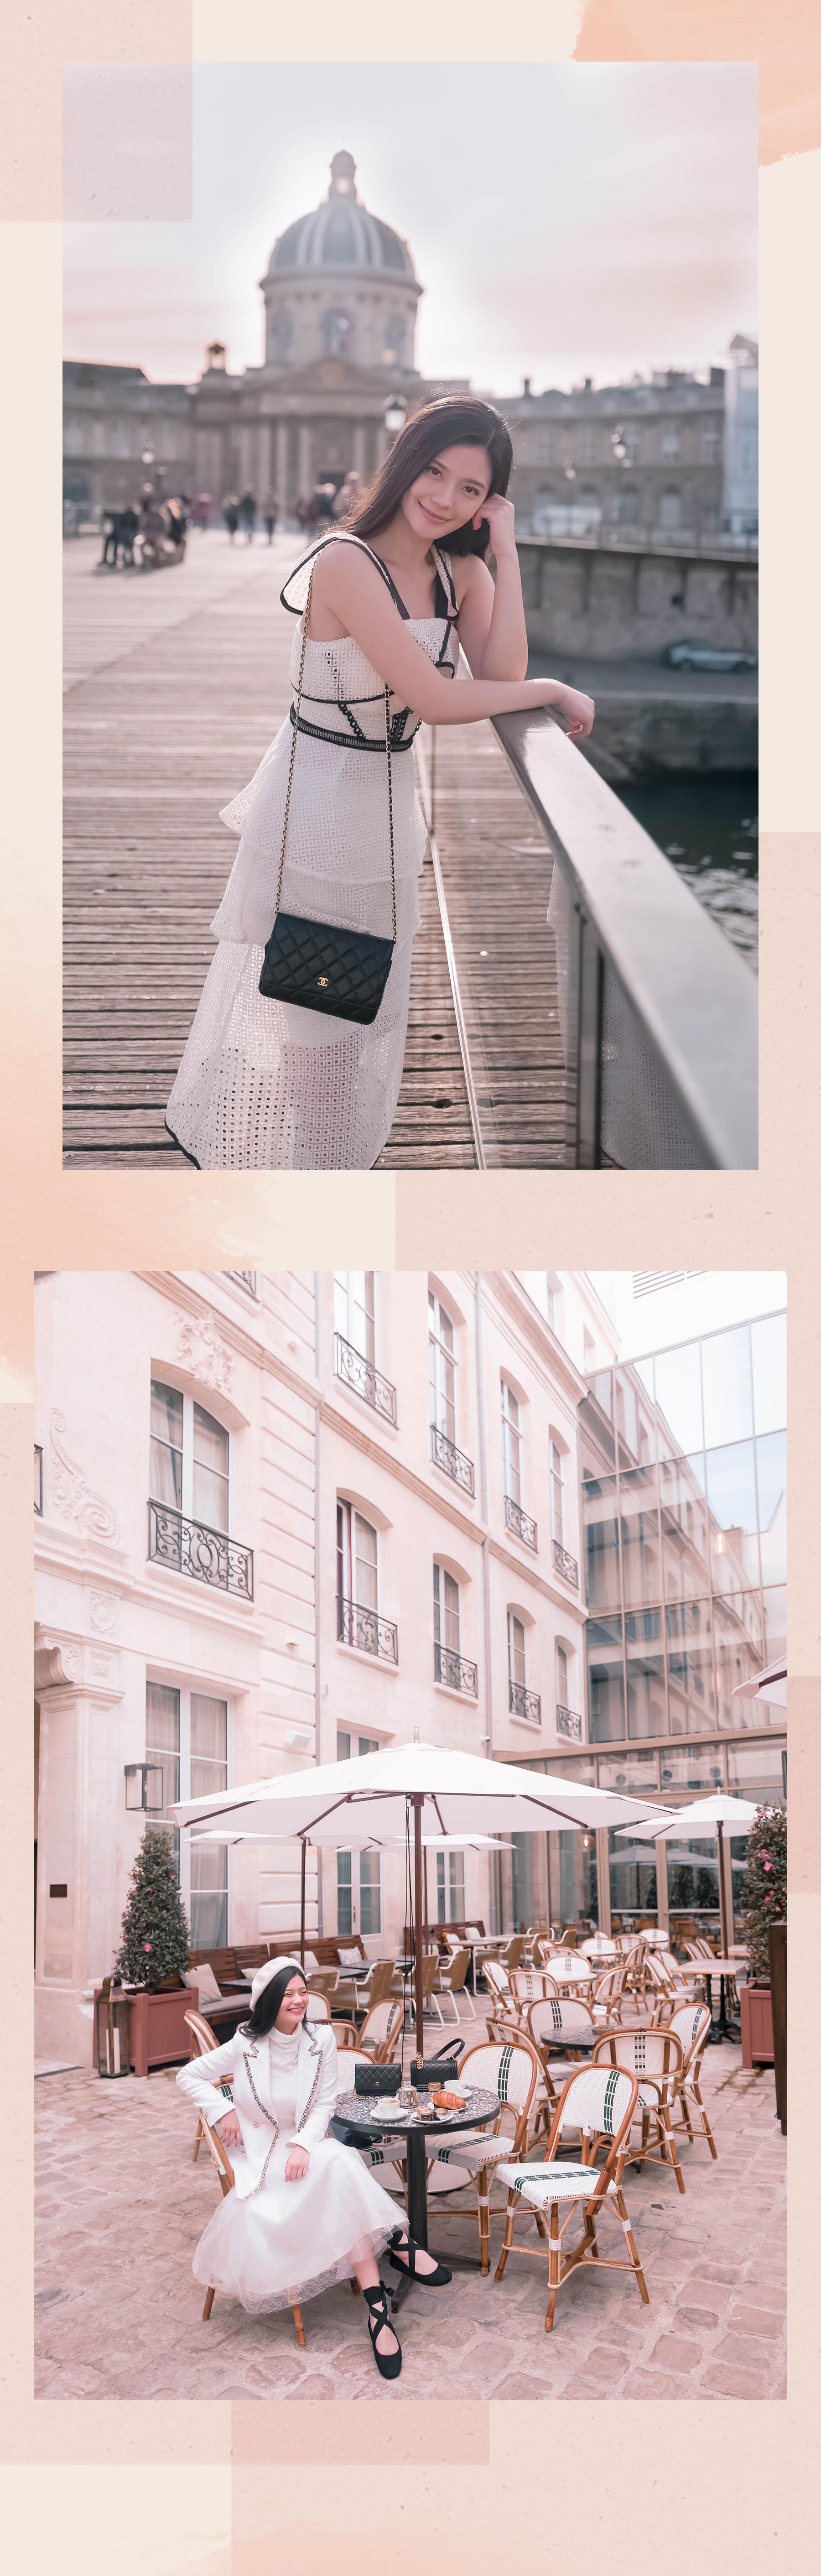 10. V&V - Paris 3